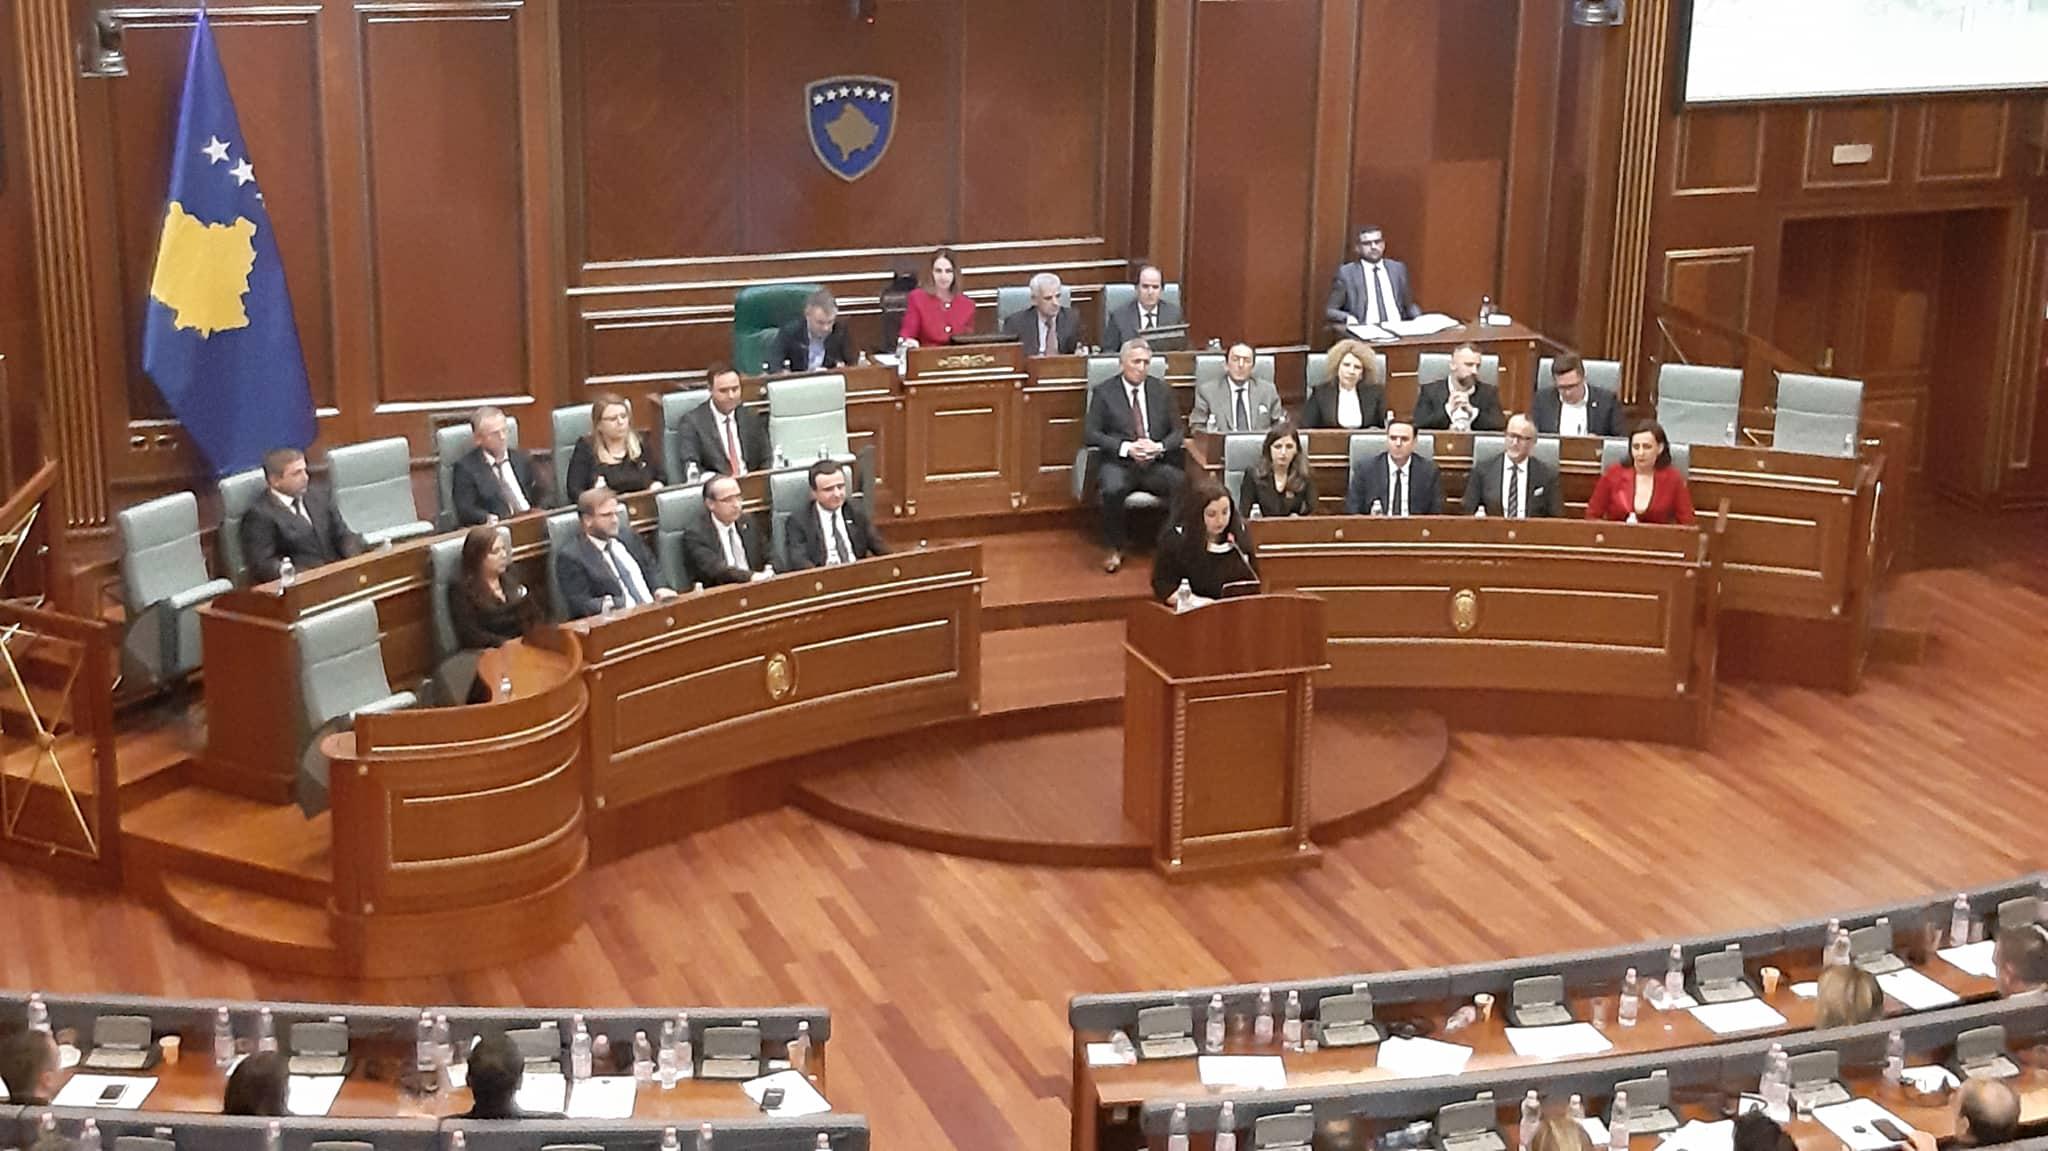 Sednica vjosa izabrana za predsednicu skupštine